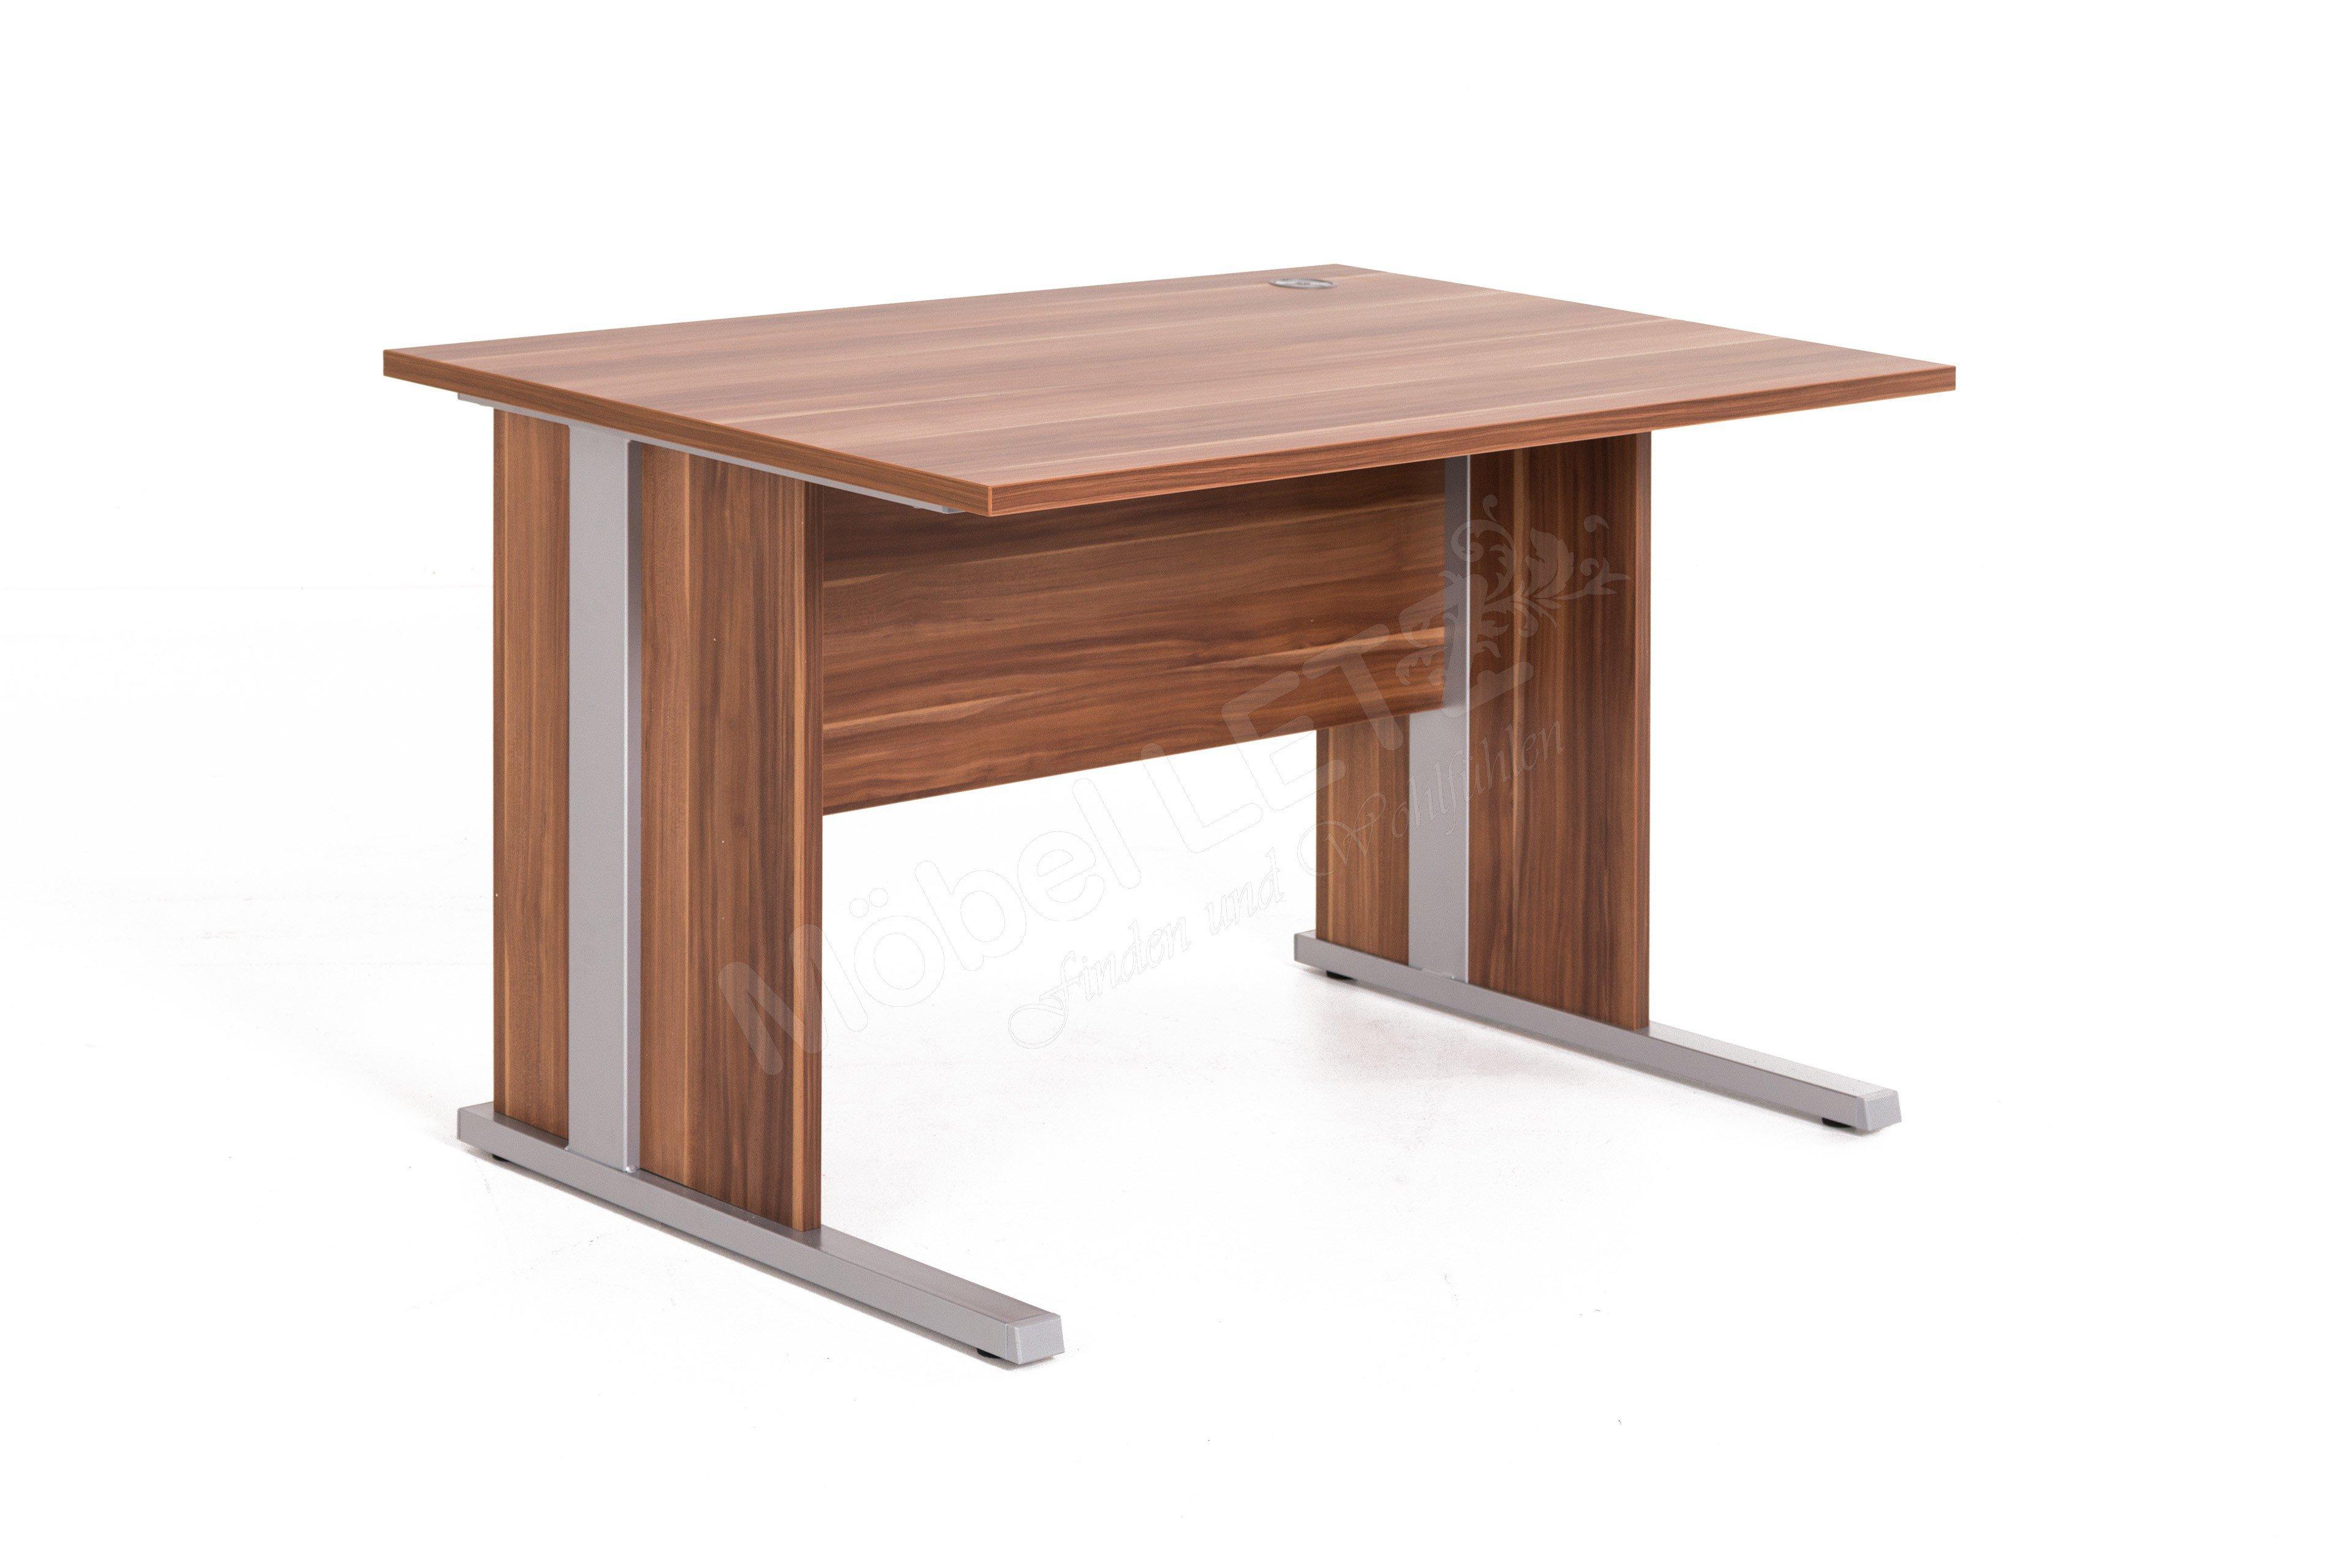 schreibtisch hendrik kollektion letz nussbaum m bel letz ihr online shop. Black Bedroom Furniture Sets. Home Design Ideas